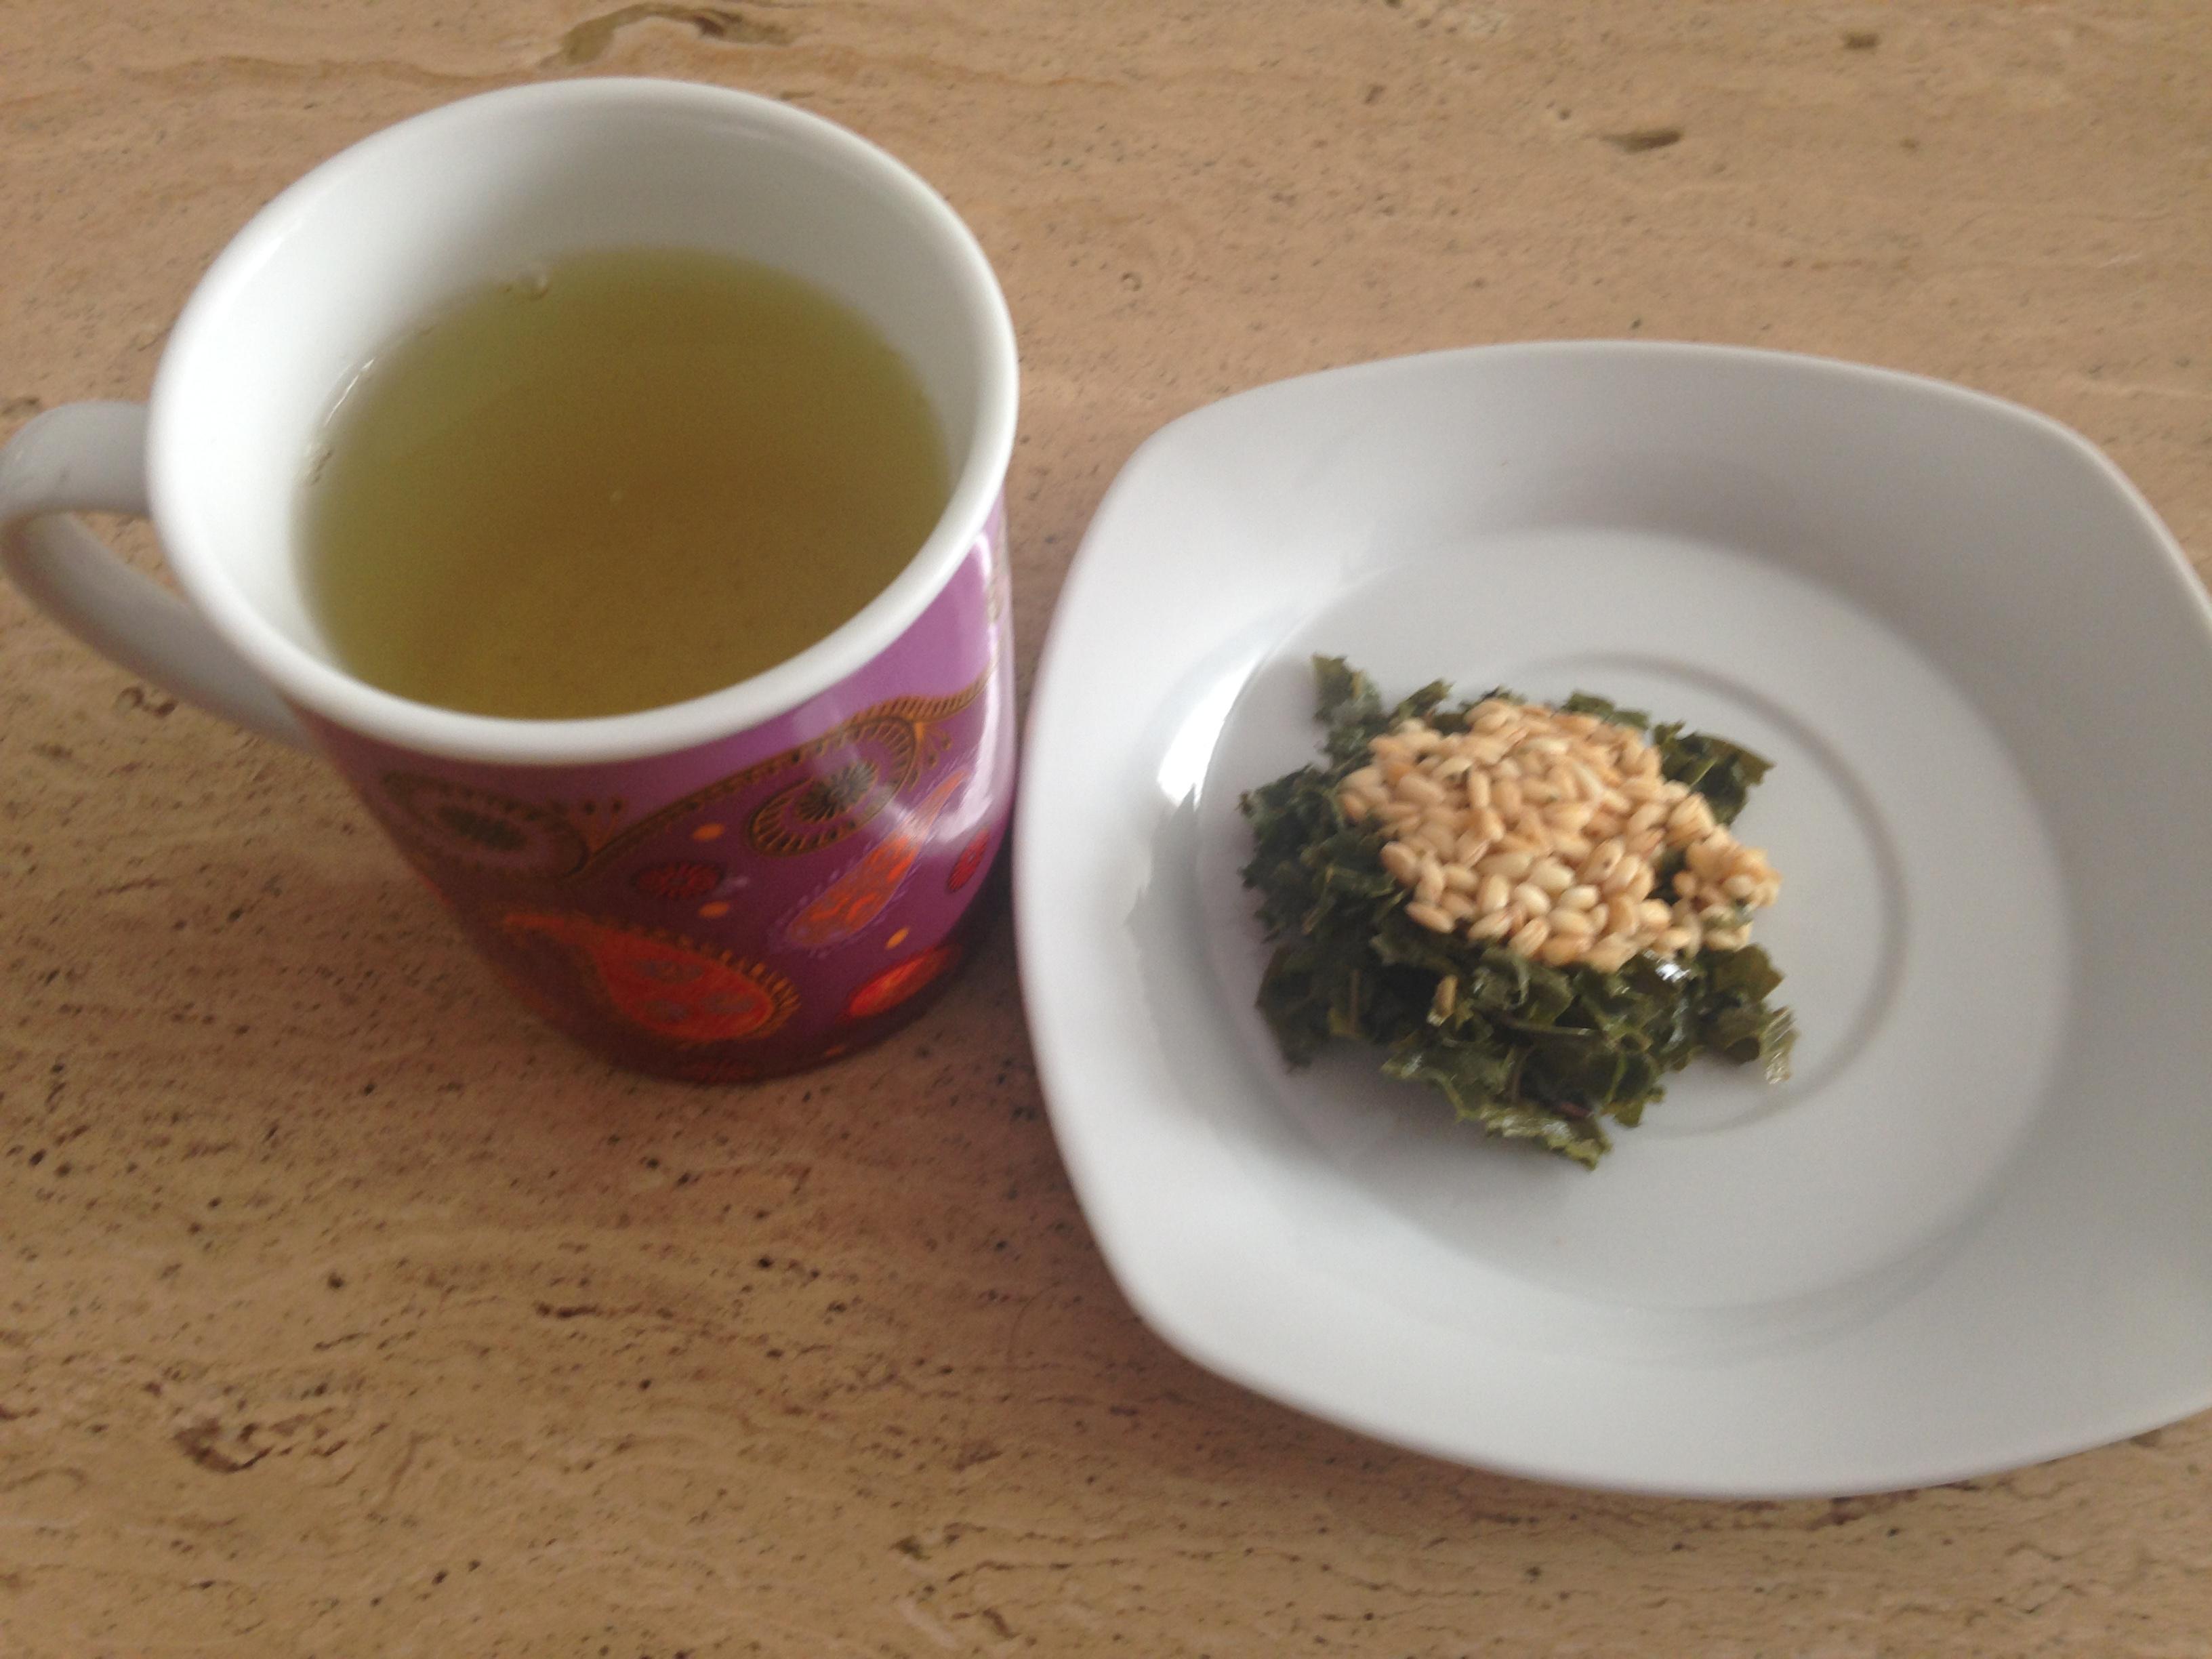 ¿Y por qué no un té verde de arroz? Atrévete a probar algo nuevo